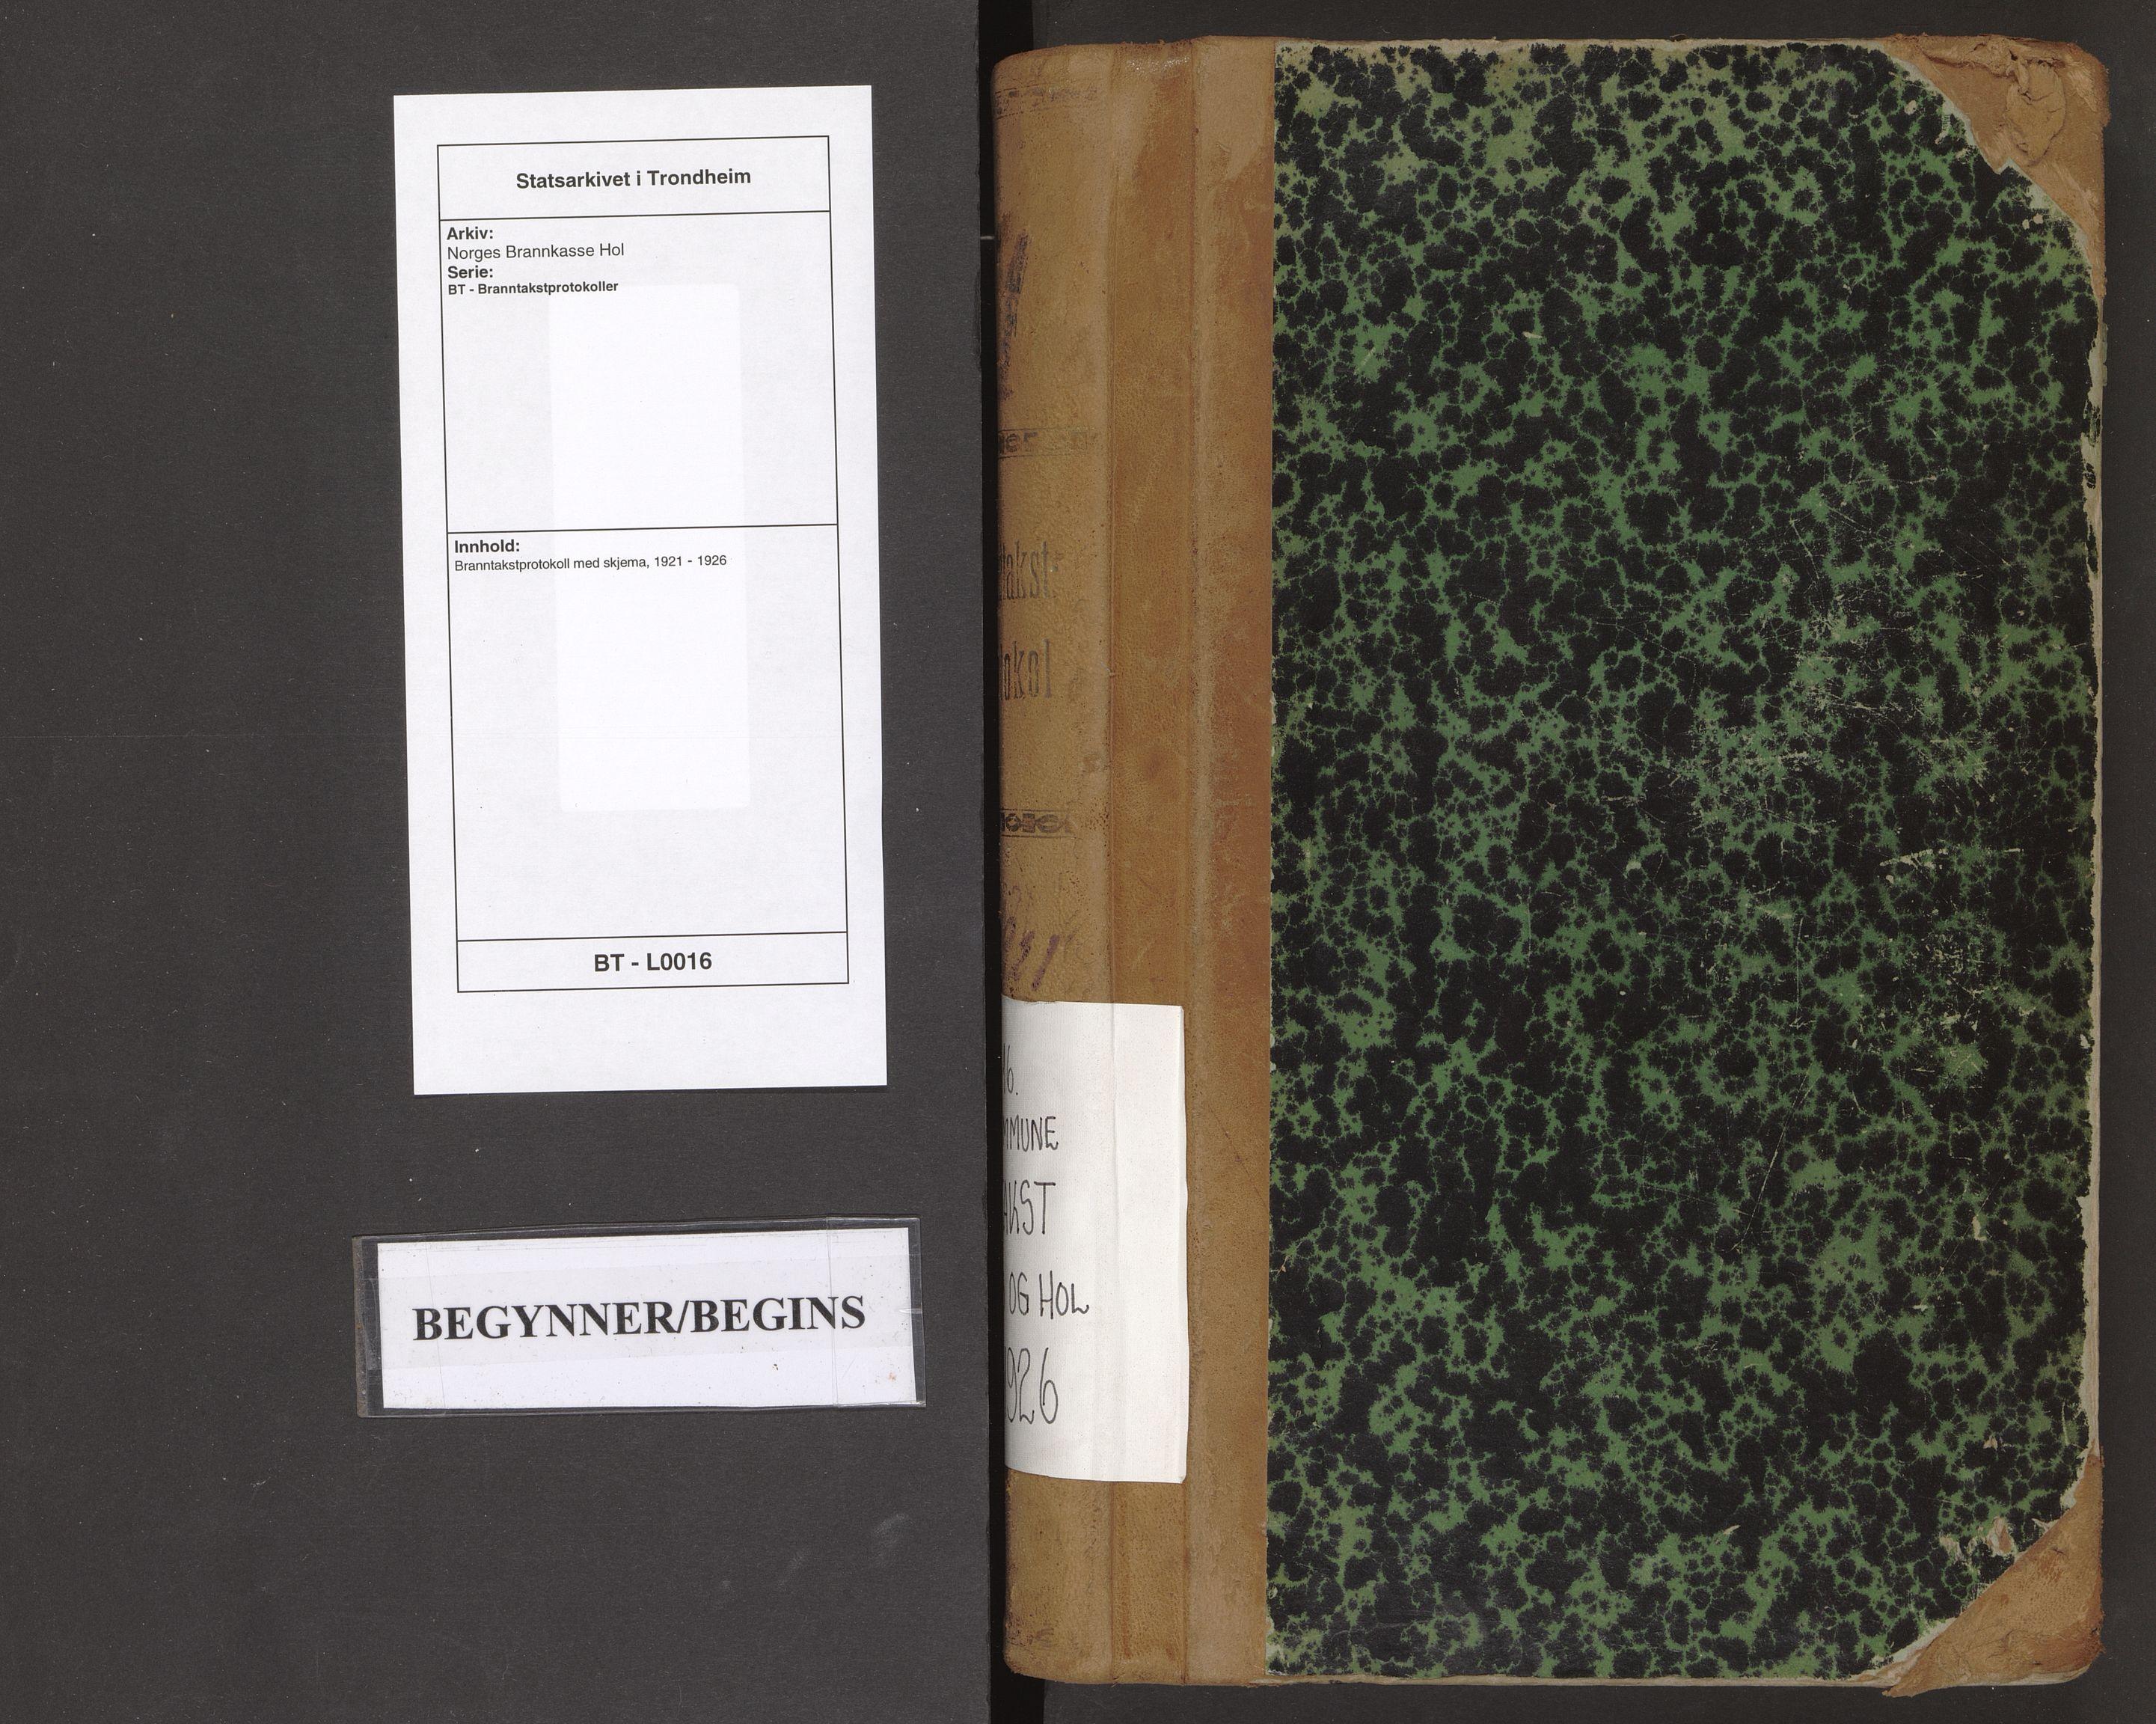 SAT, Norges Brannkasse Hol, BT/L0016: Branntakstprotokoll med skjema, 1921-1926